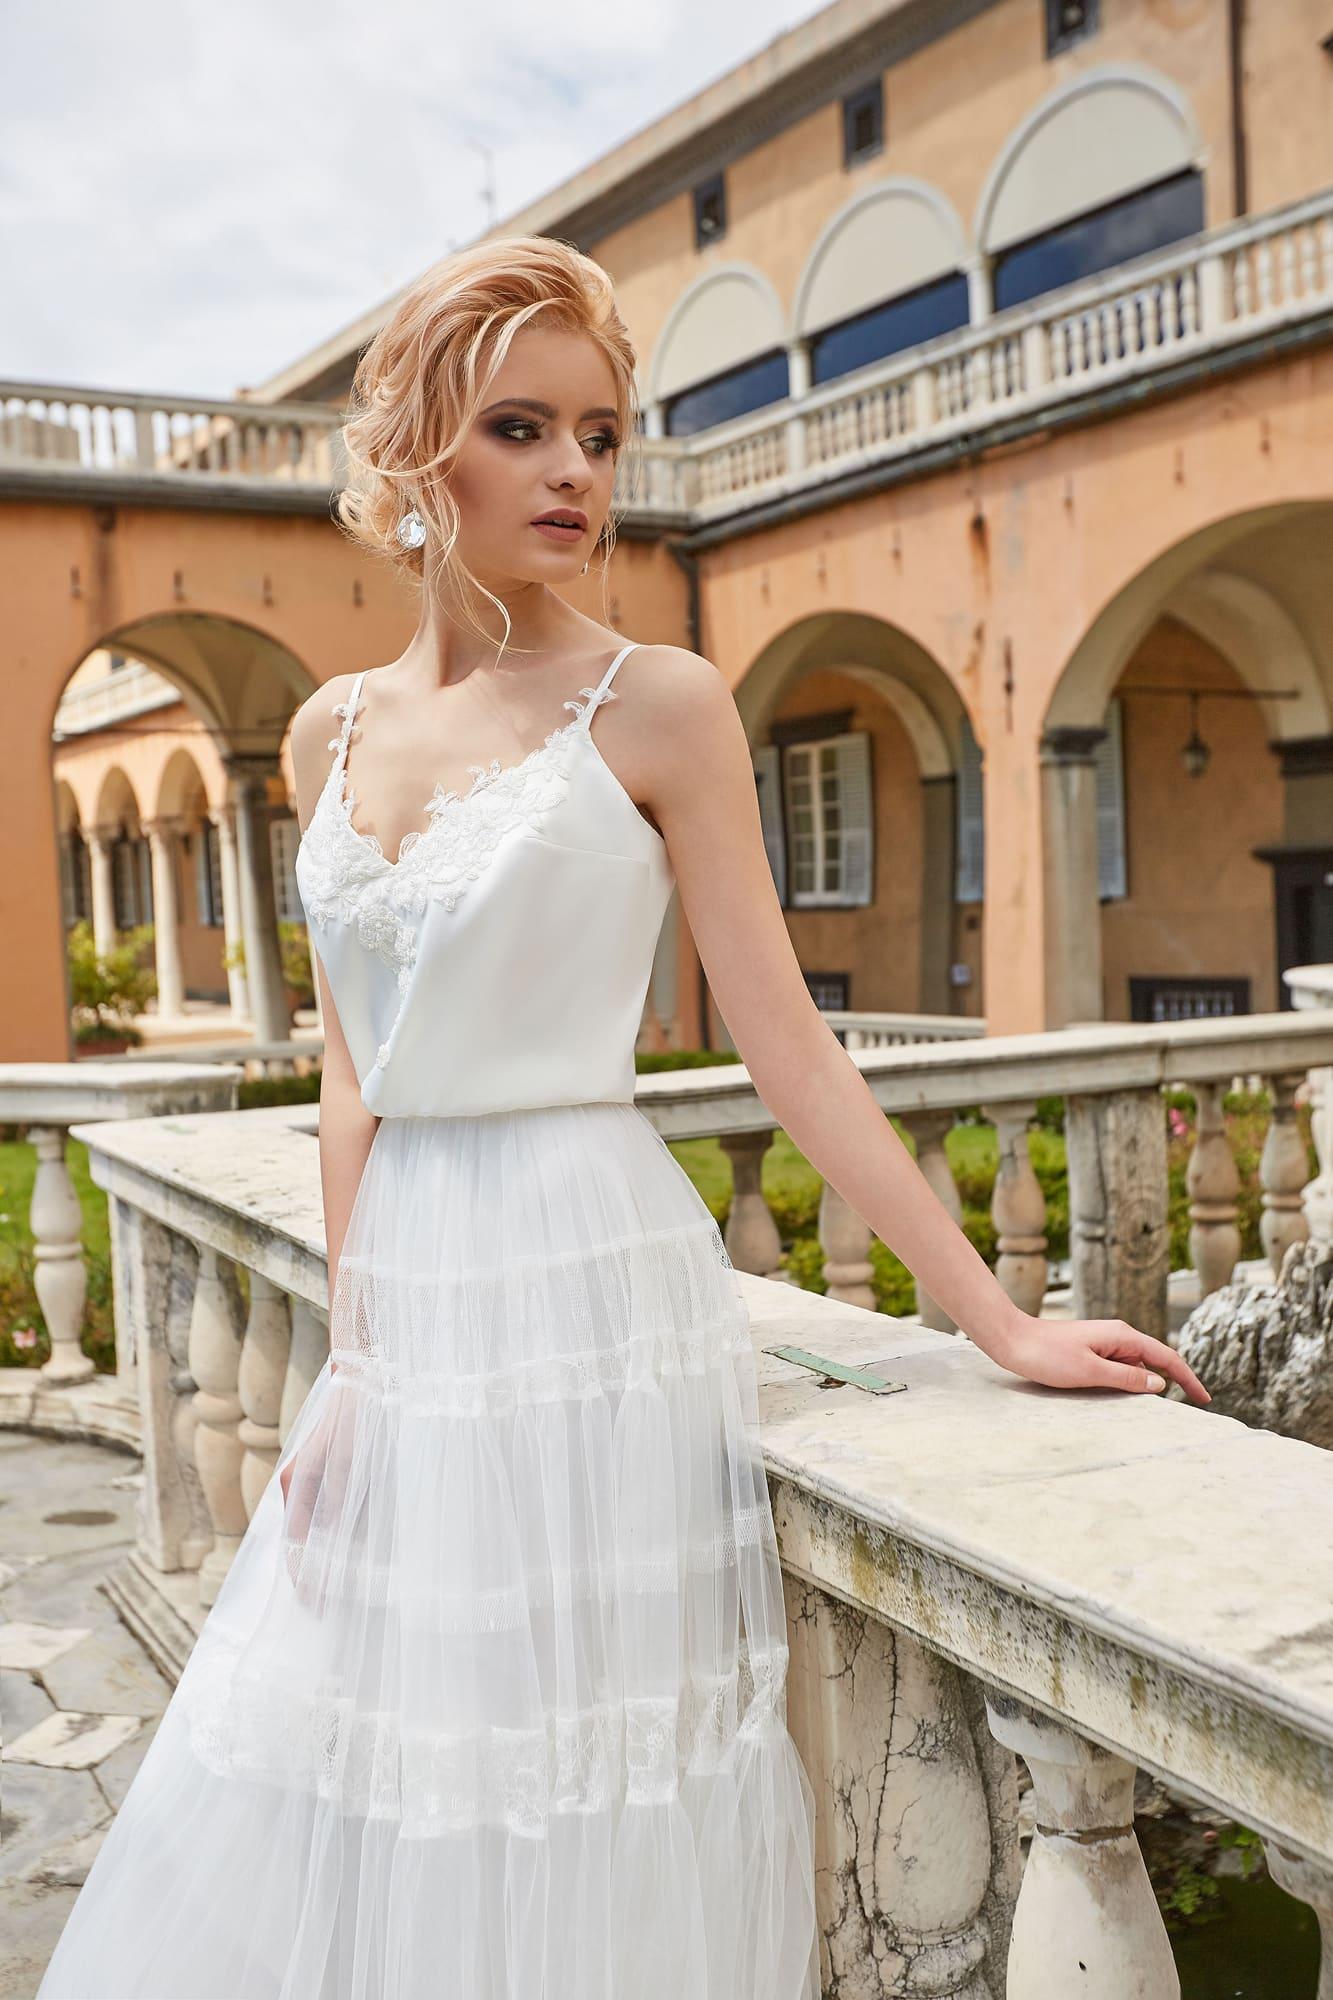 Богемное свадебное платье пышного кроя с открытым лифом на бретелях.